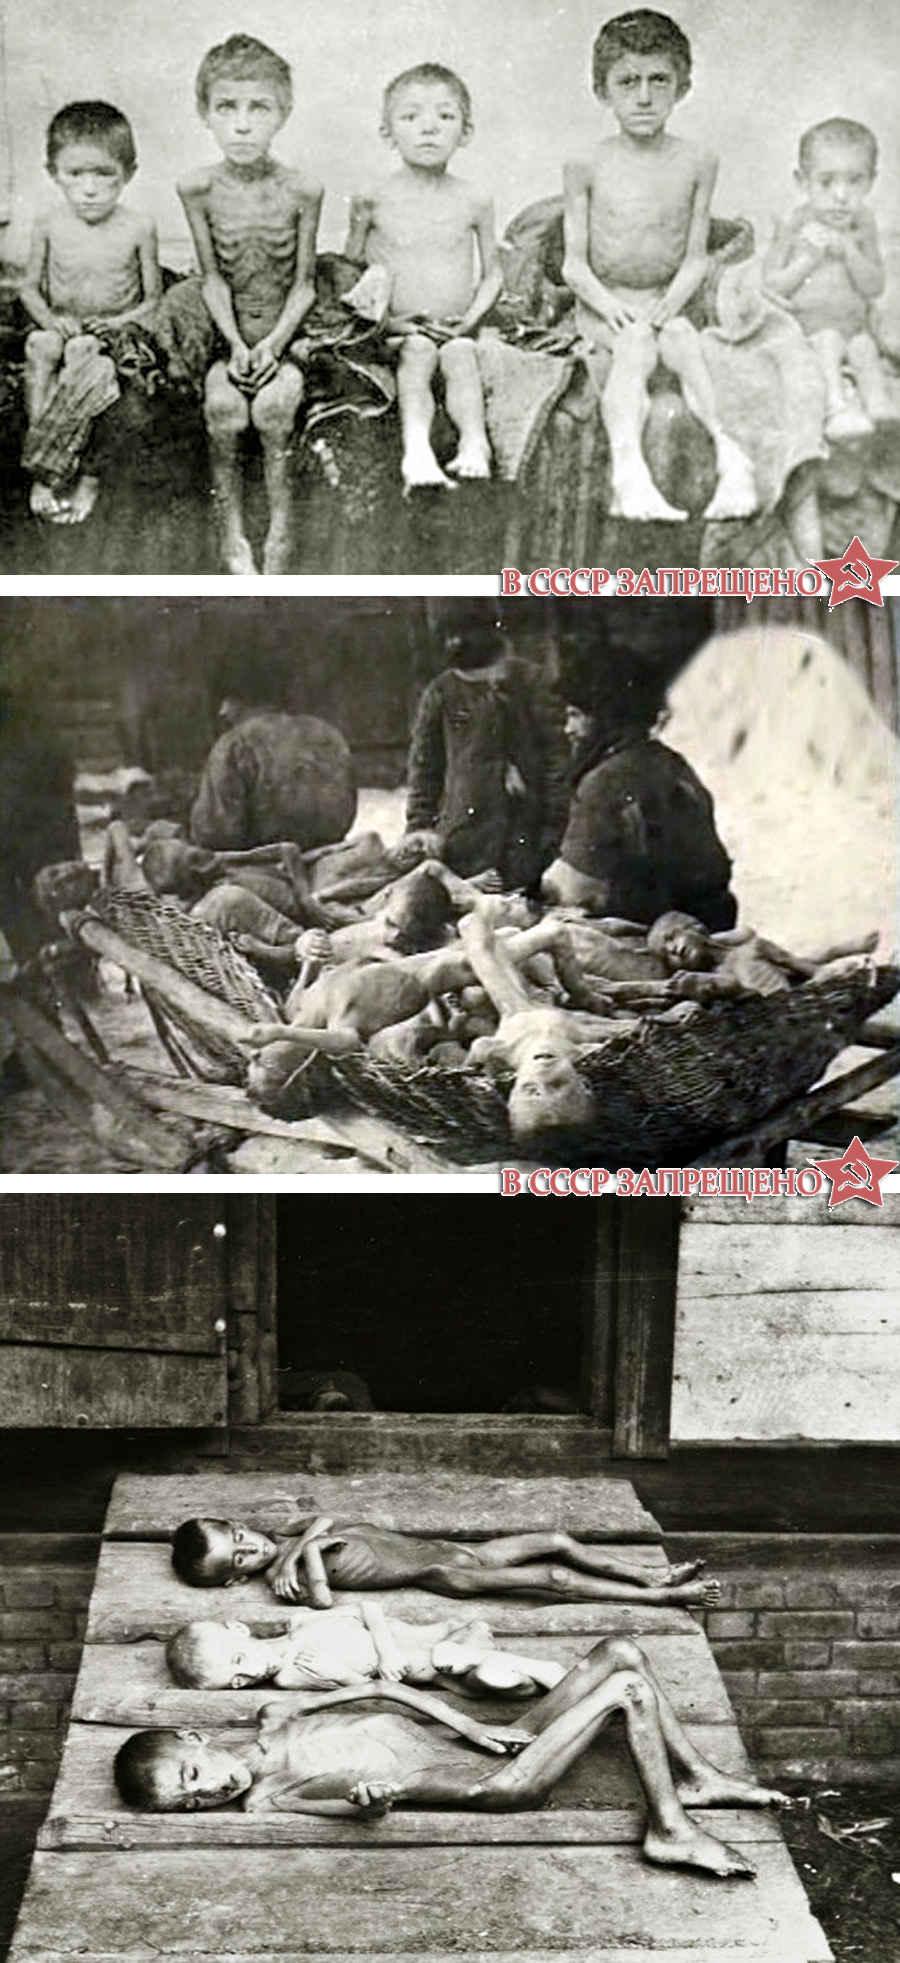 Смерть детей от голода в Украине 1932-1933 годы